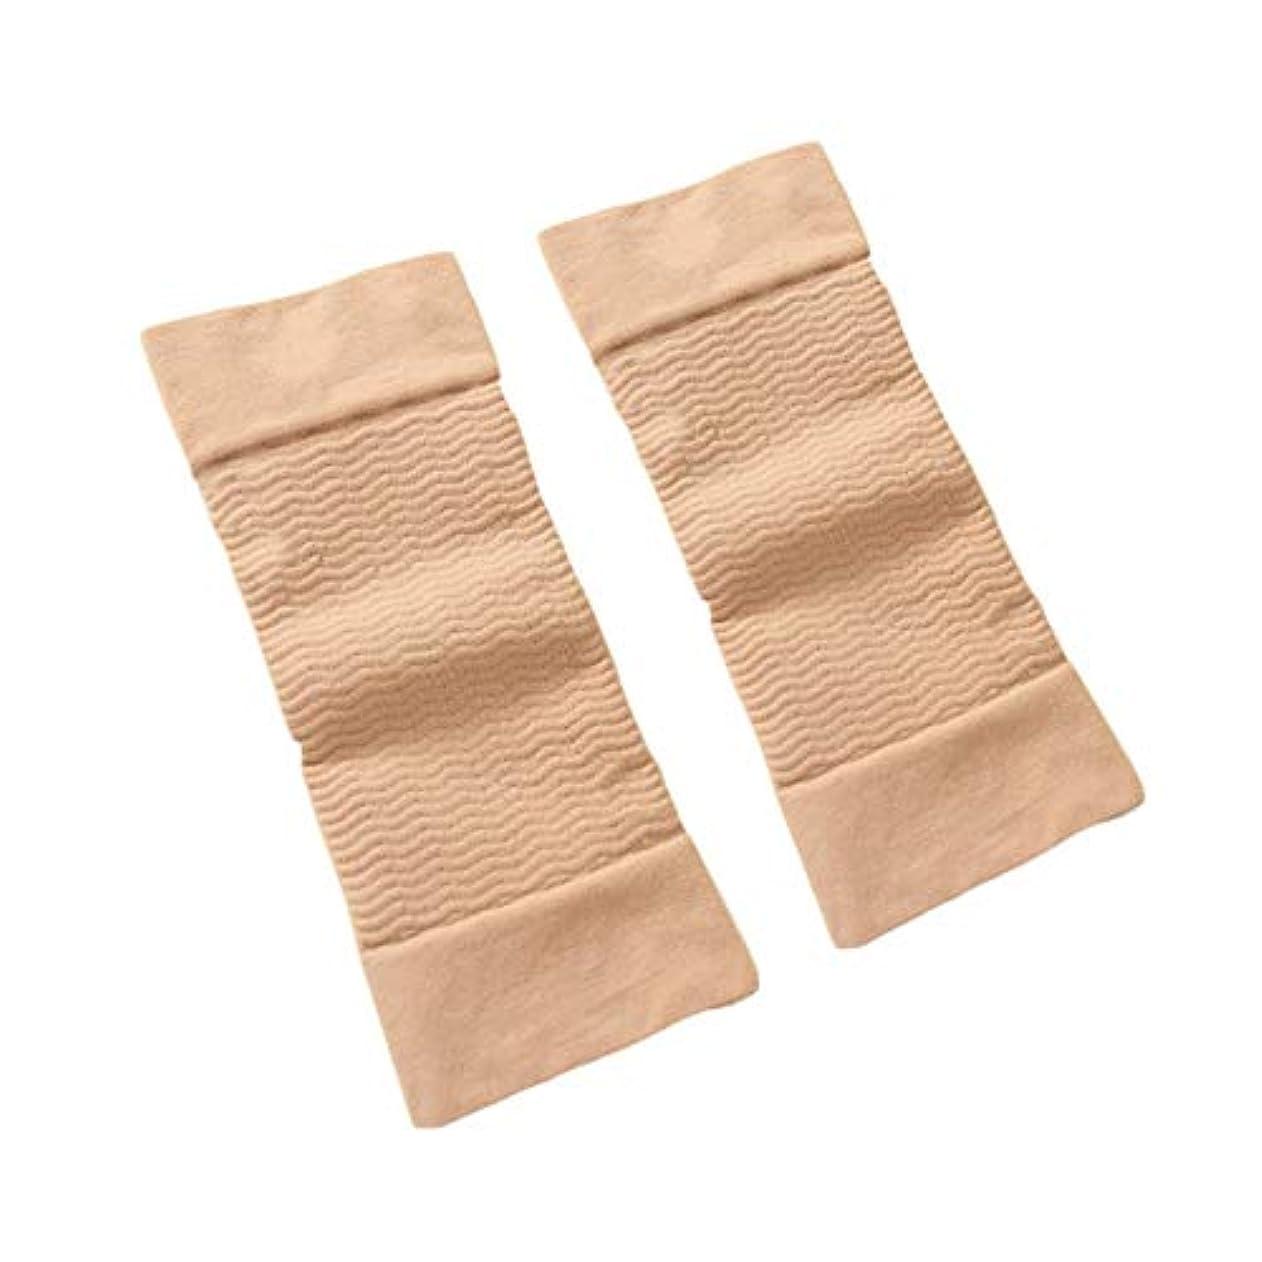 インペリアル規定リーズ1ペア420 D圧縮痩身アームスリーブワークアウトトーニングバーンセルライトシェイパー脂肪燃焼袖用女性 - 肌色